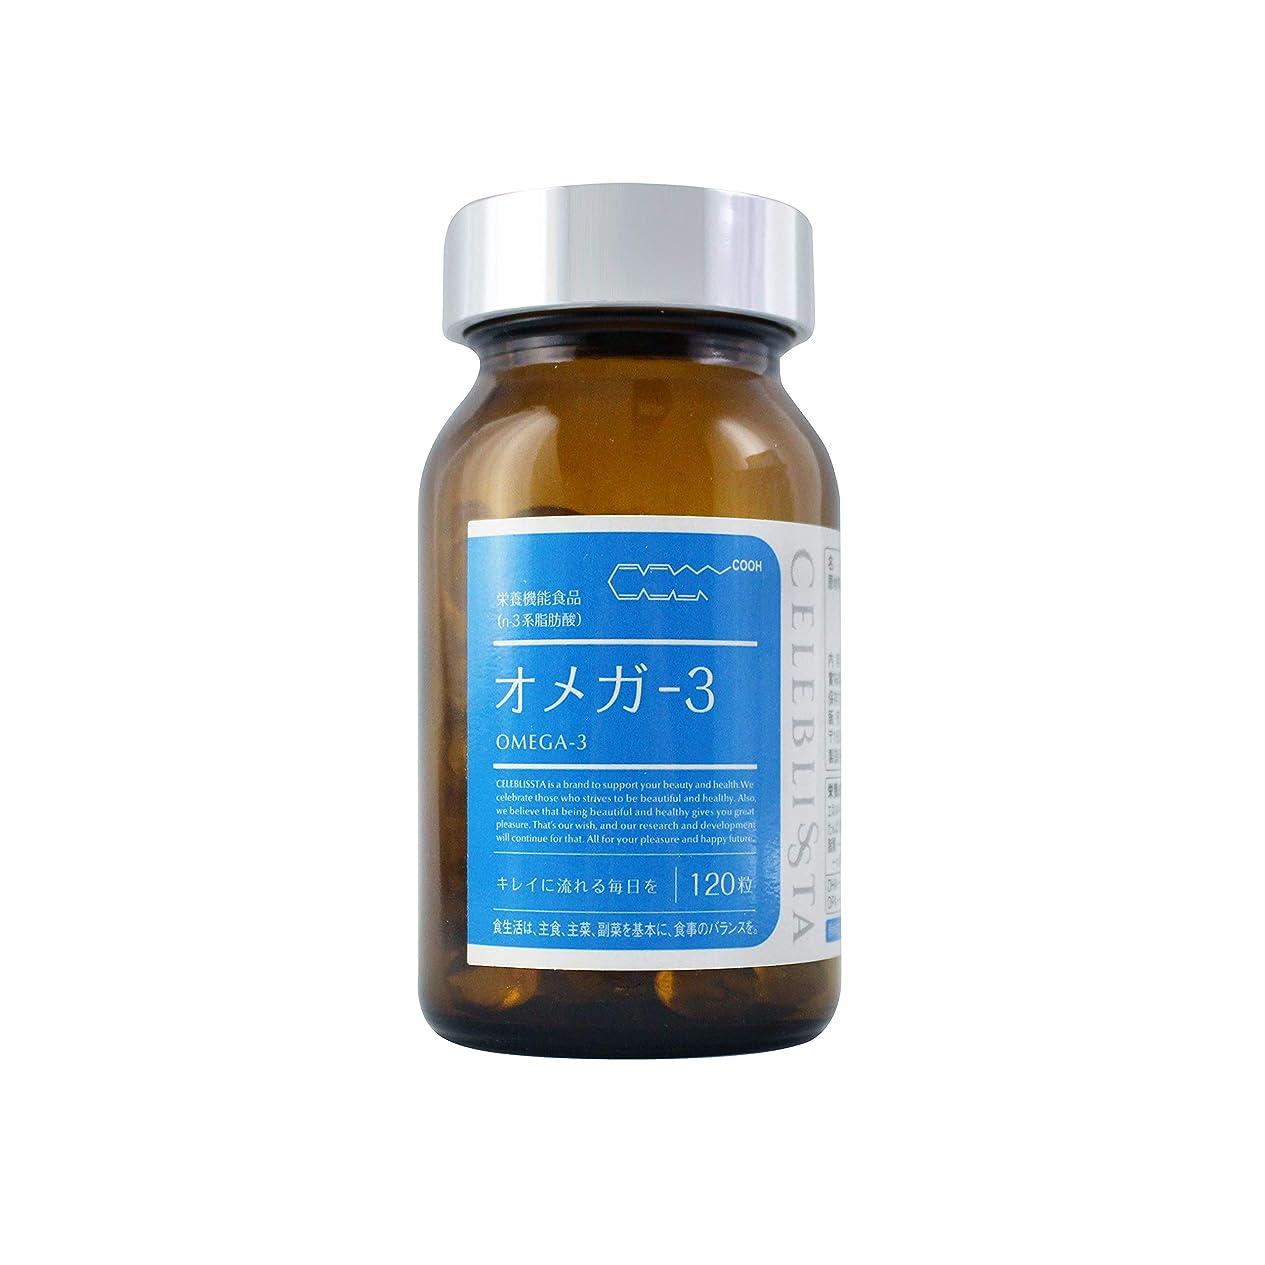 雄弁家良性ヨーグルトCELEBLISSTA ( セレブリスタ ) オメガ-3 ( 基礎サプリ フィッシュオイル / 30日分 120粒 ) DPA DHA EPA サプリメント ( 日本製 )